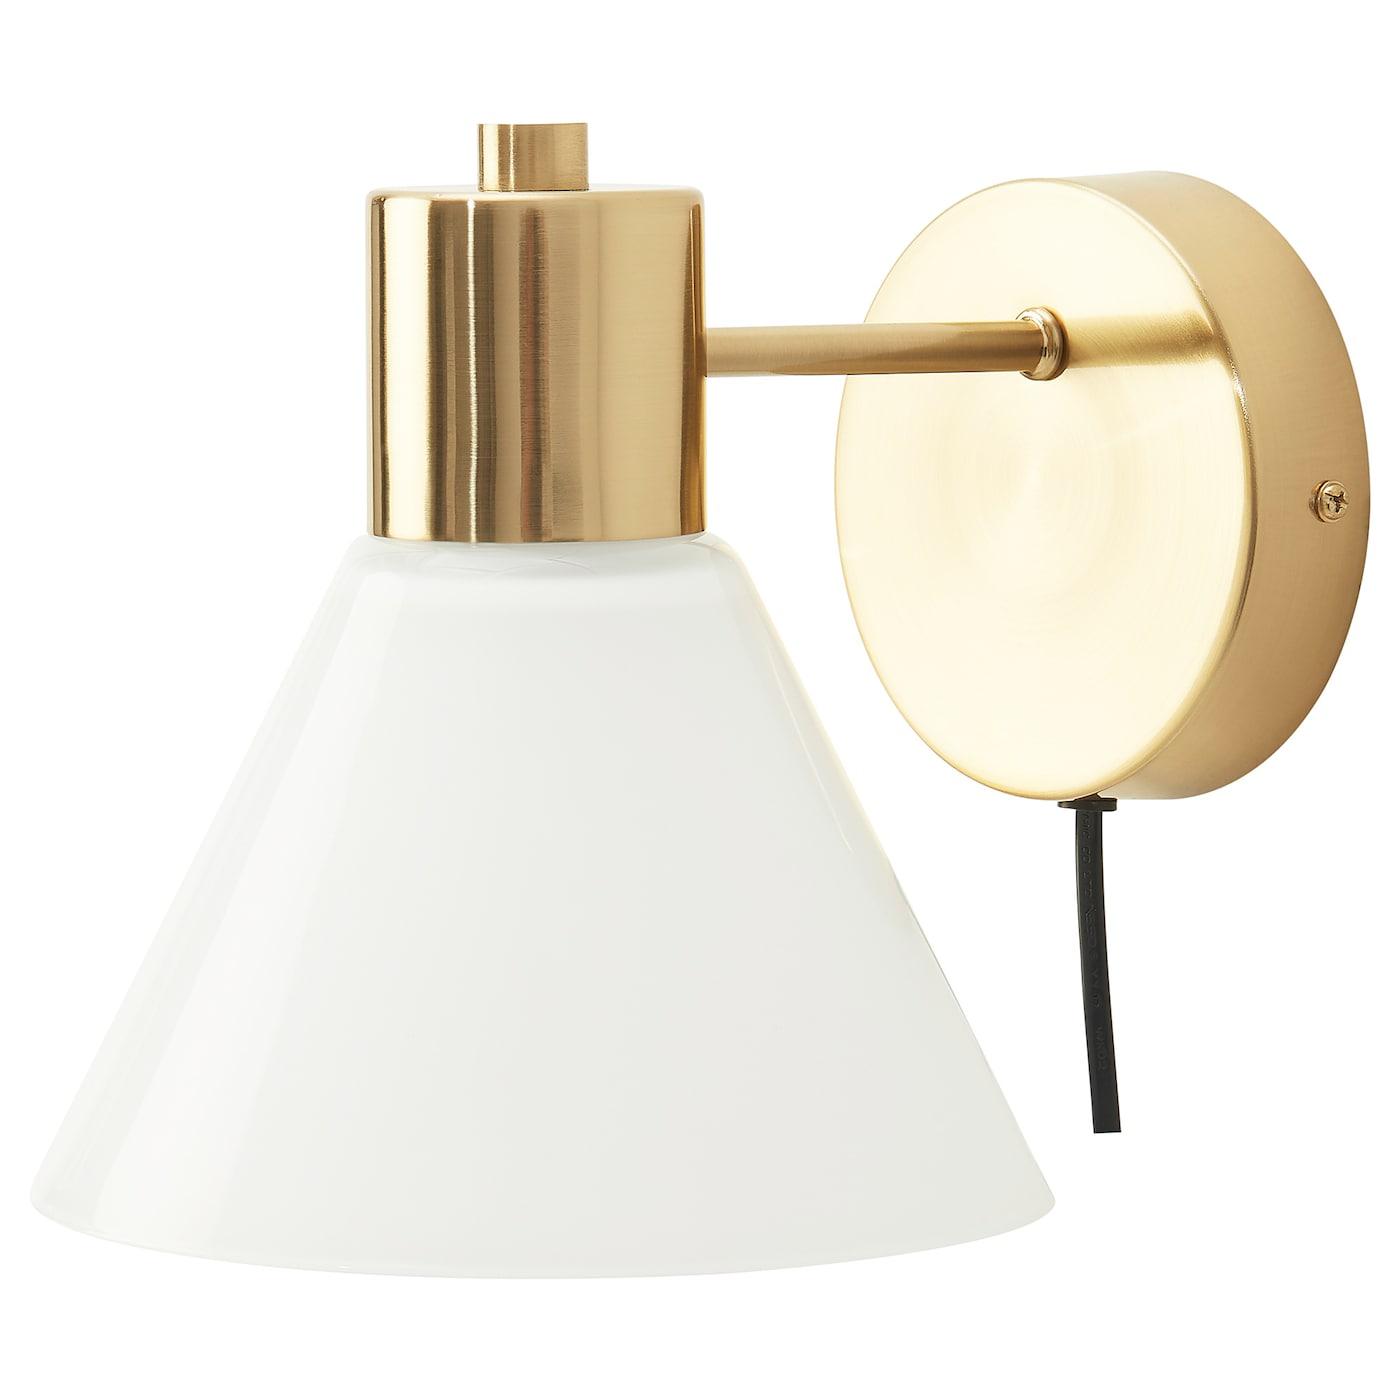 Vegglamper Still lampene til veggs IKEA